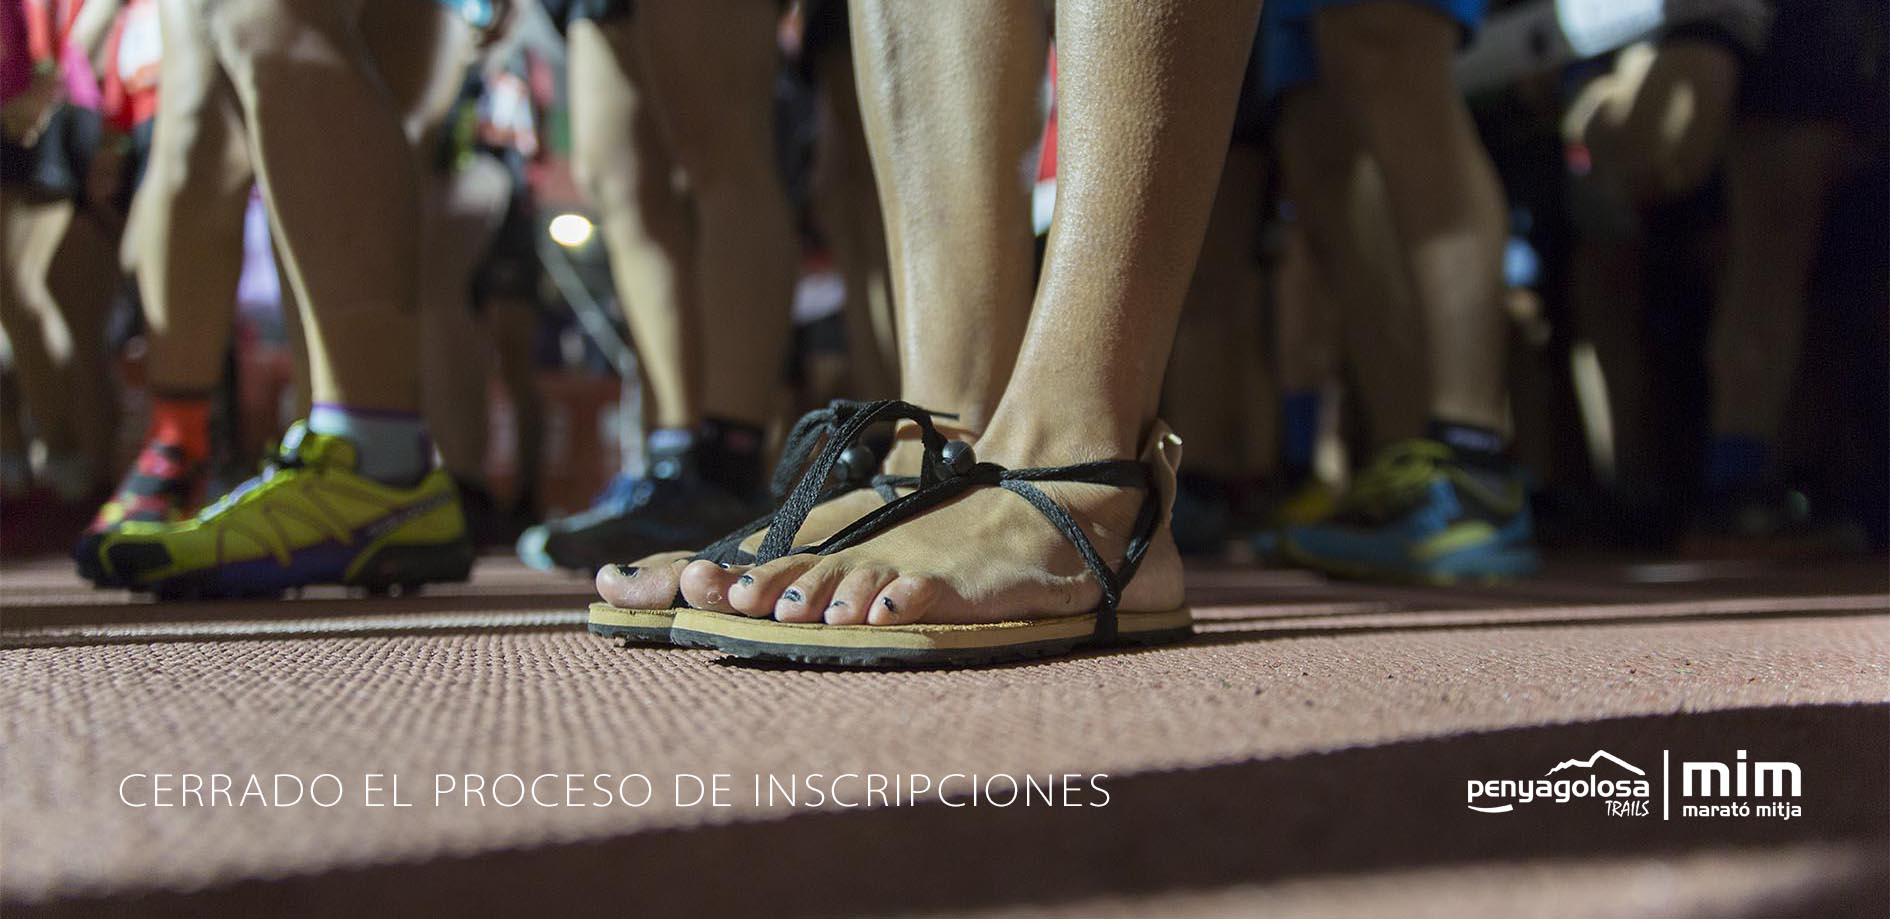 DAMOS POR CERRADO EL PROCESO DE INSCRIPCIONES PARA PENYAGOLOSA TRAILS HG 2018